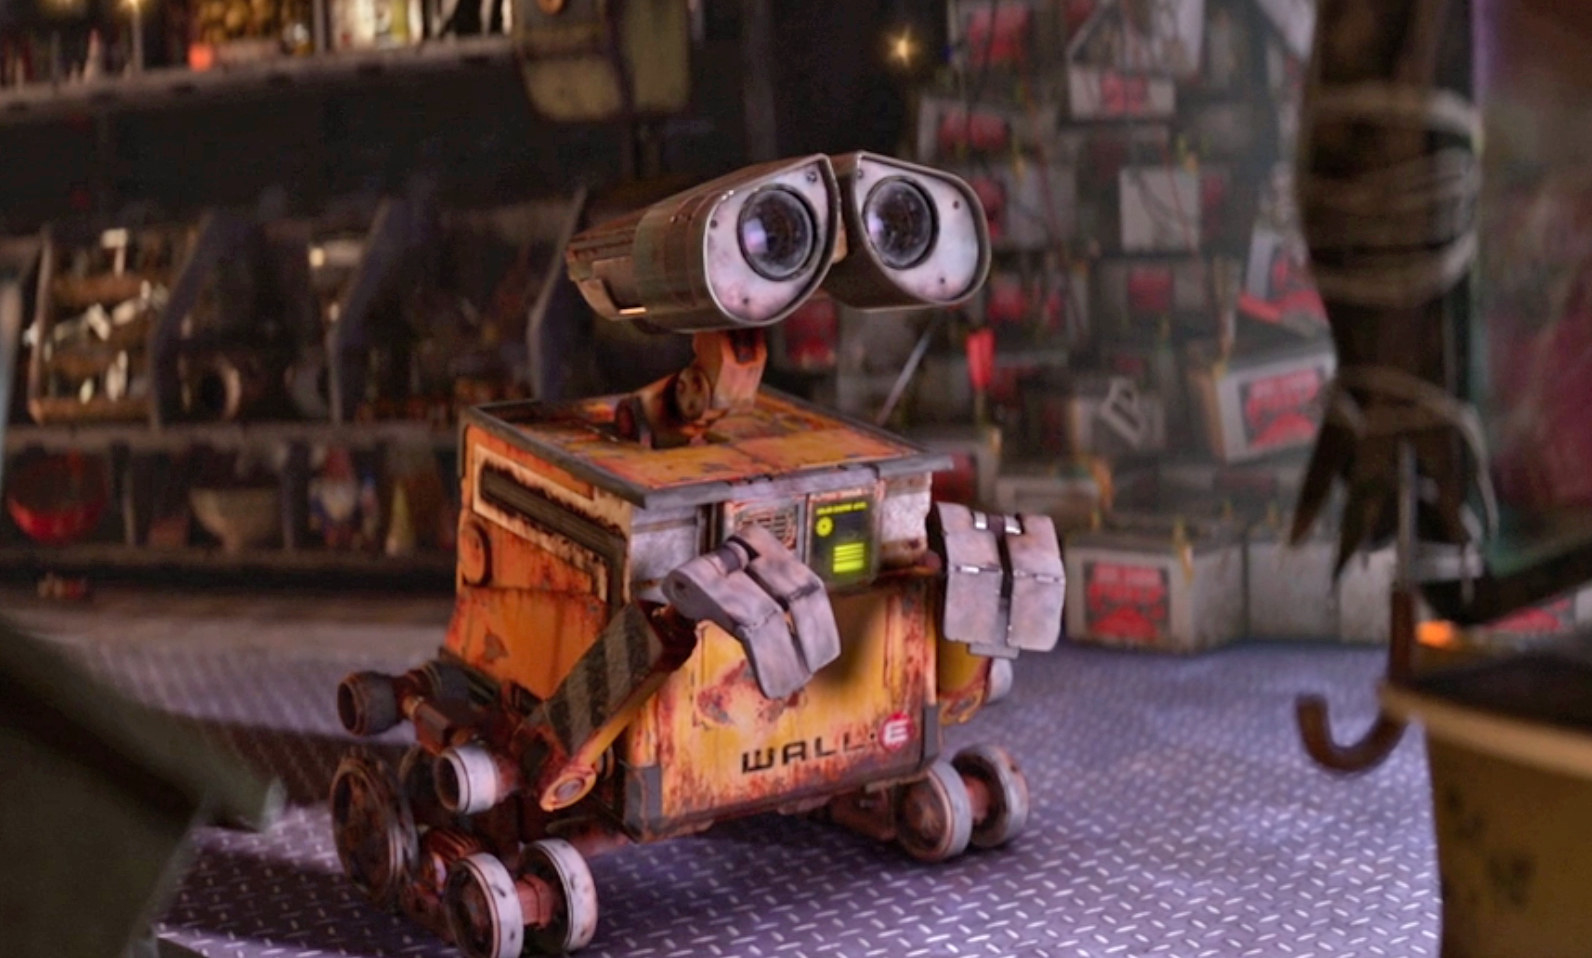 Wall-E looking very sad